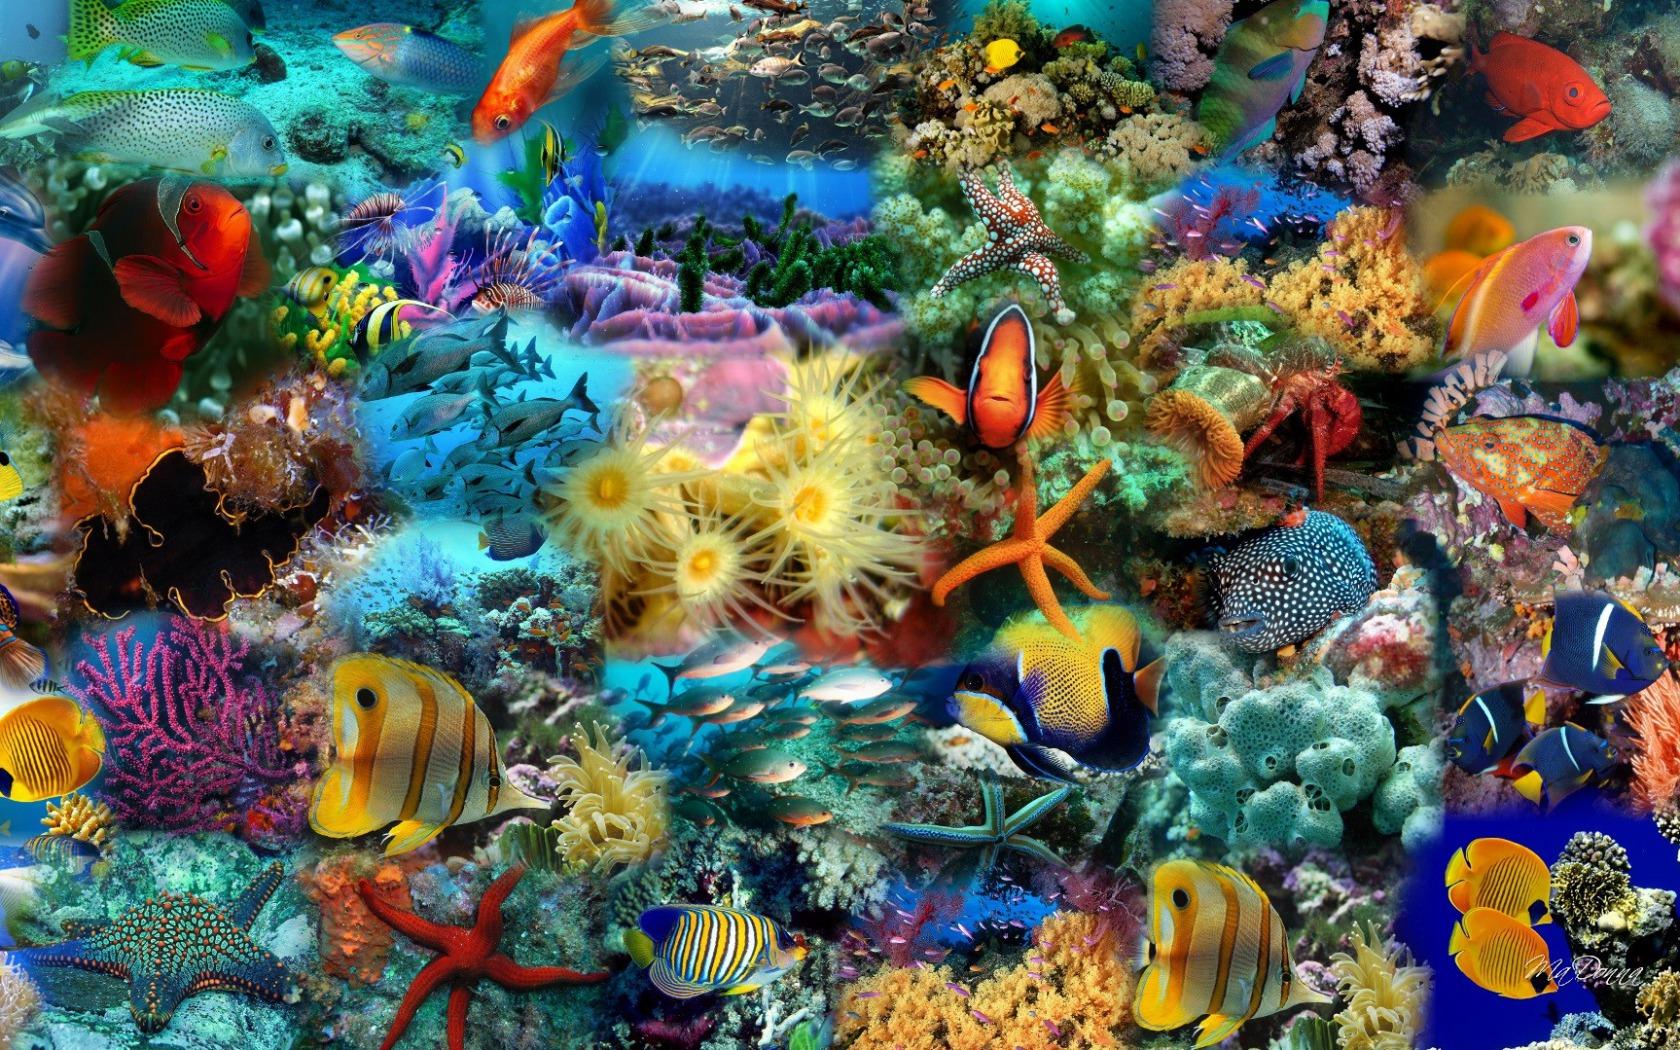 Sfondilandia immagini e wallpaper natura paesaggi e animali for Sfondo animato pesci